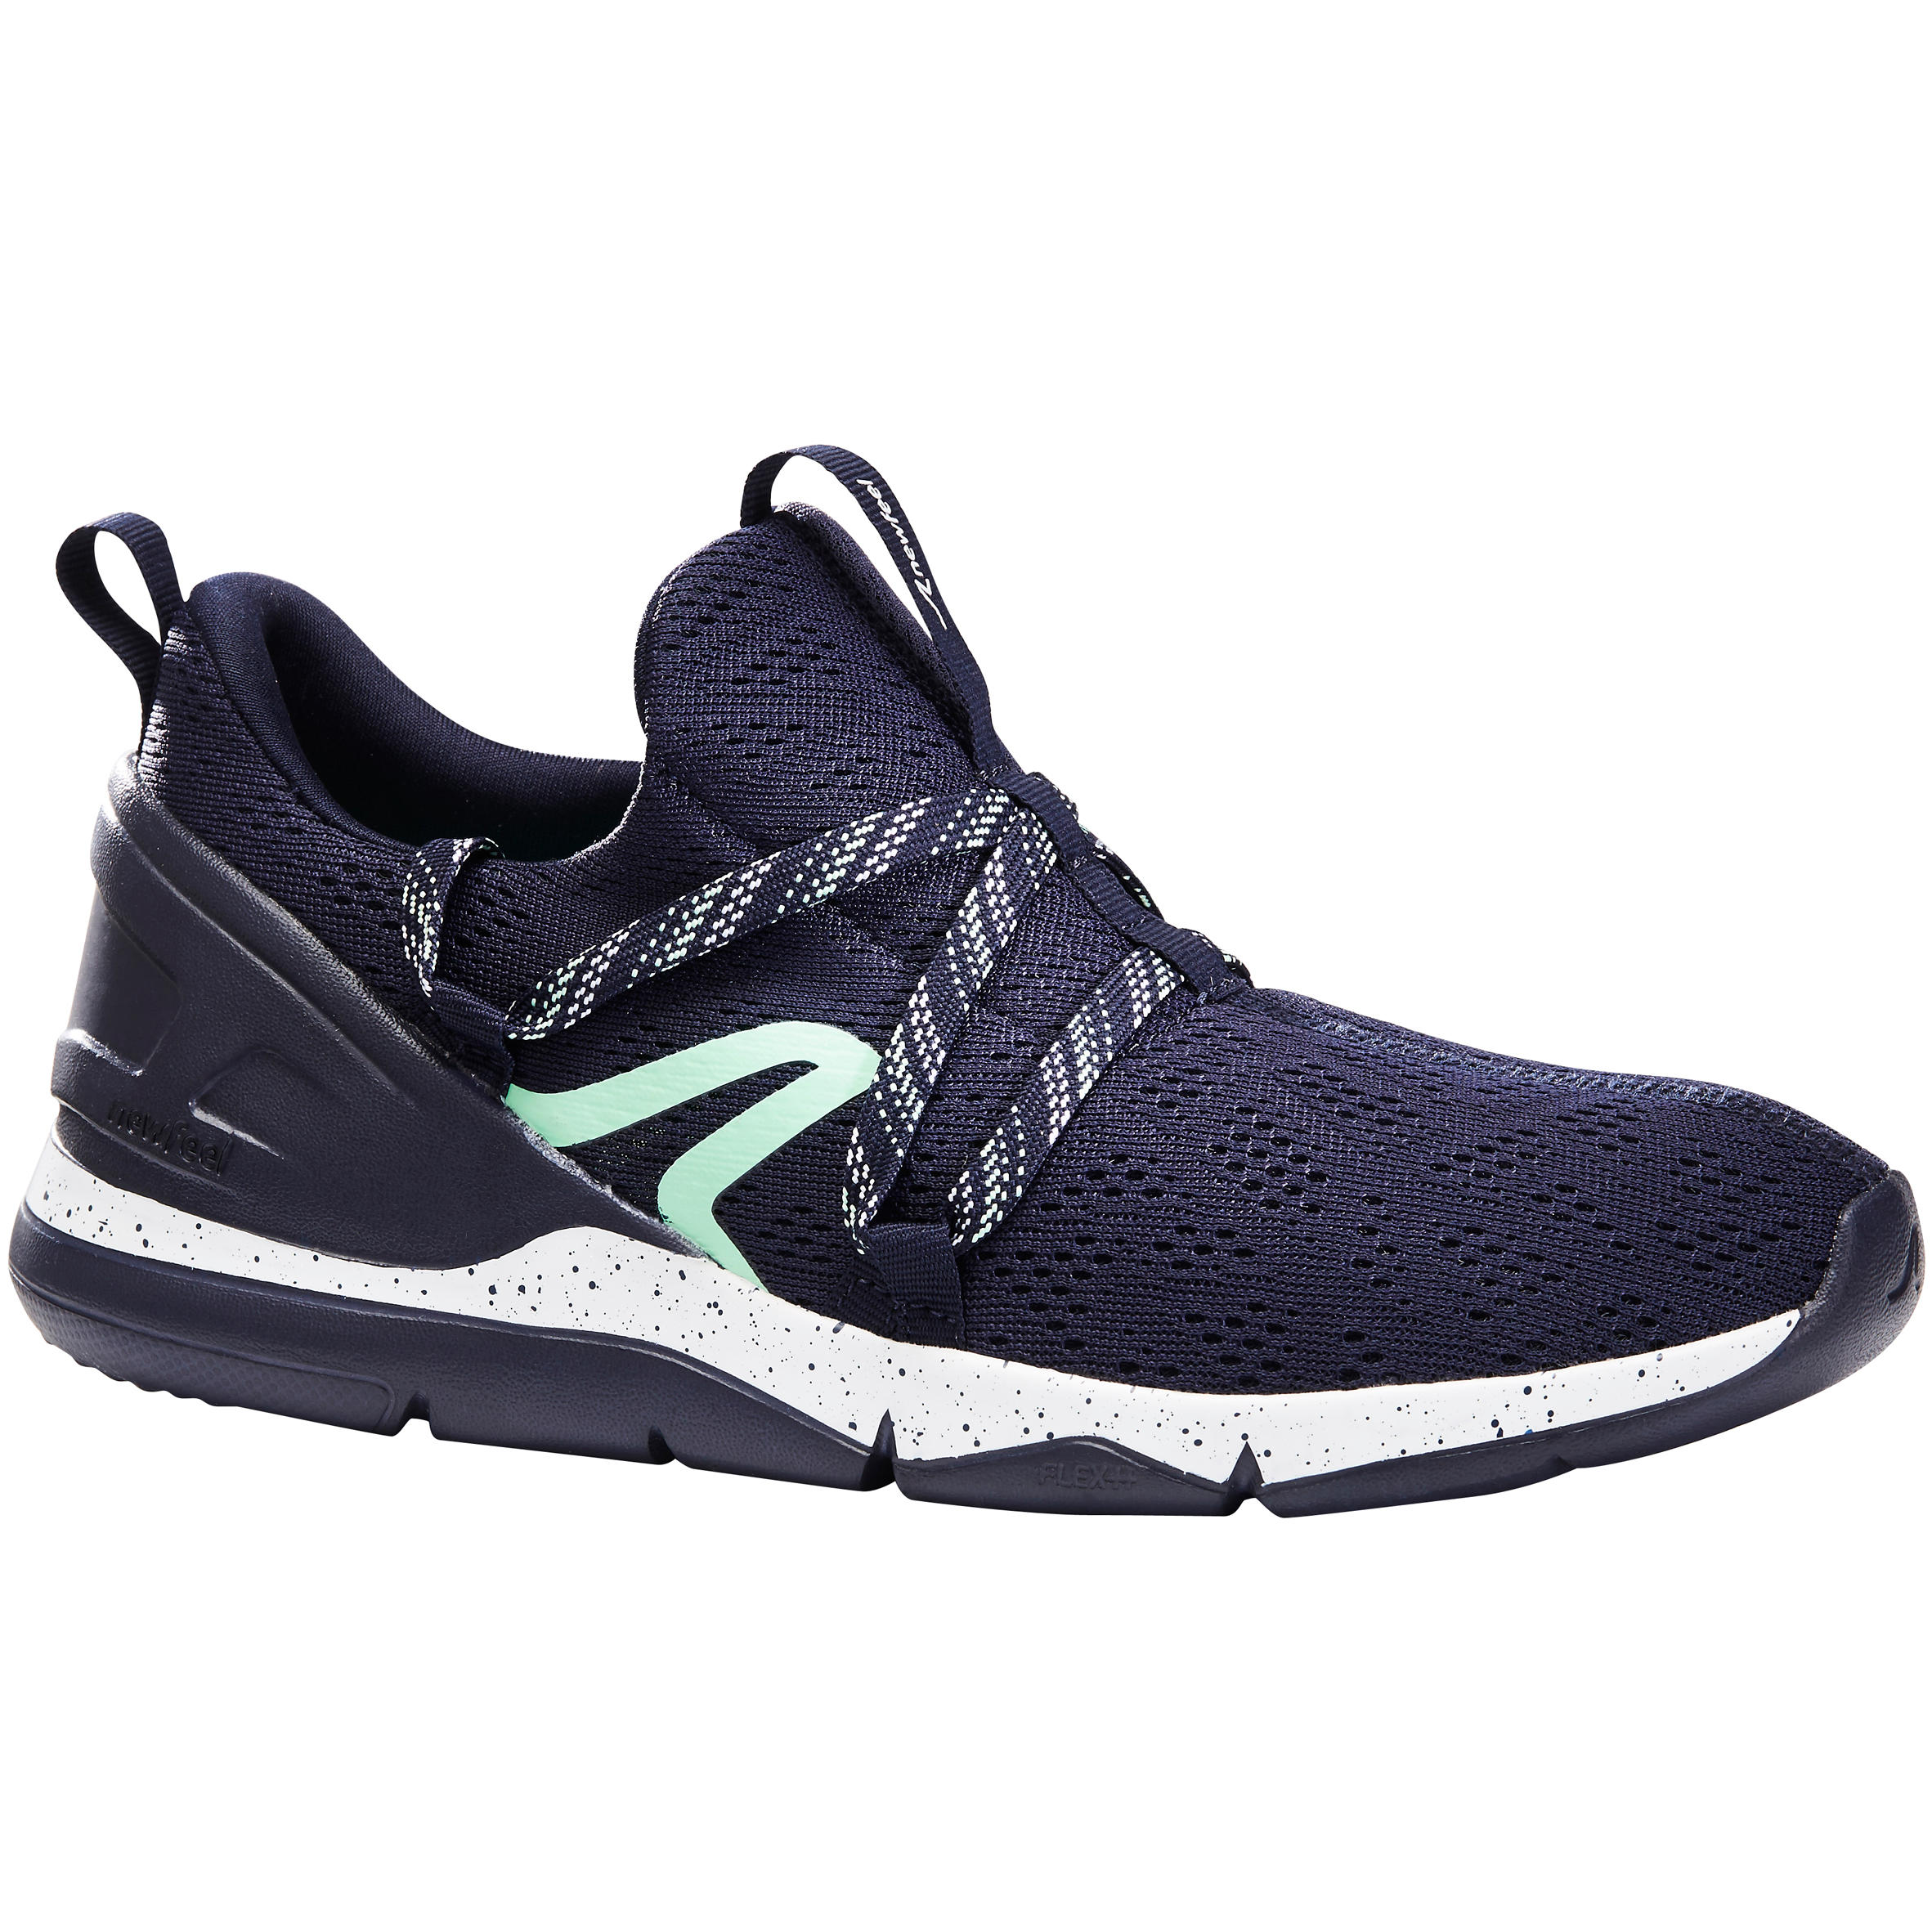 Nike 7myviy6fbg De Zapatos Tobillera Largas Iv6ybgYf7